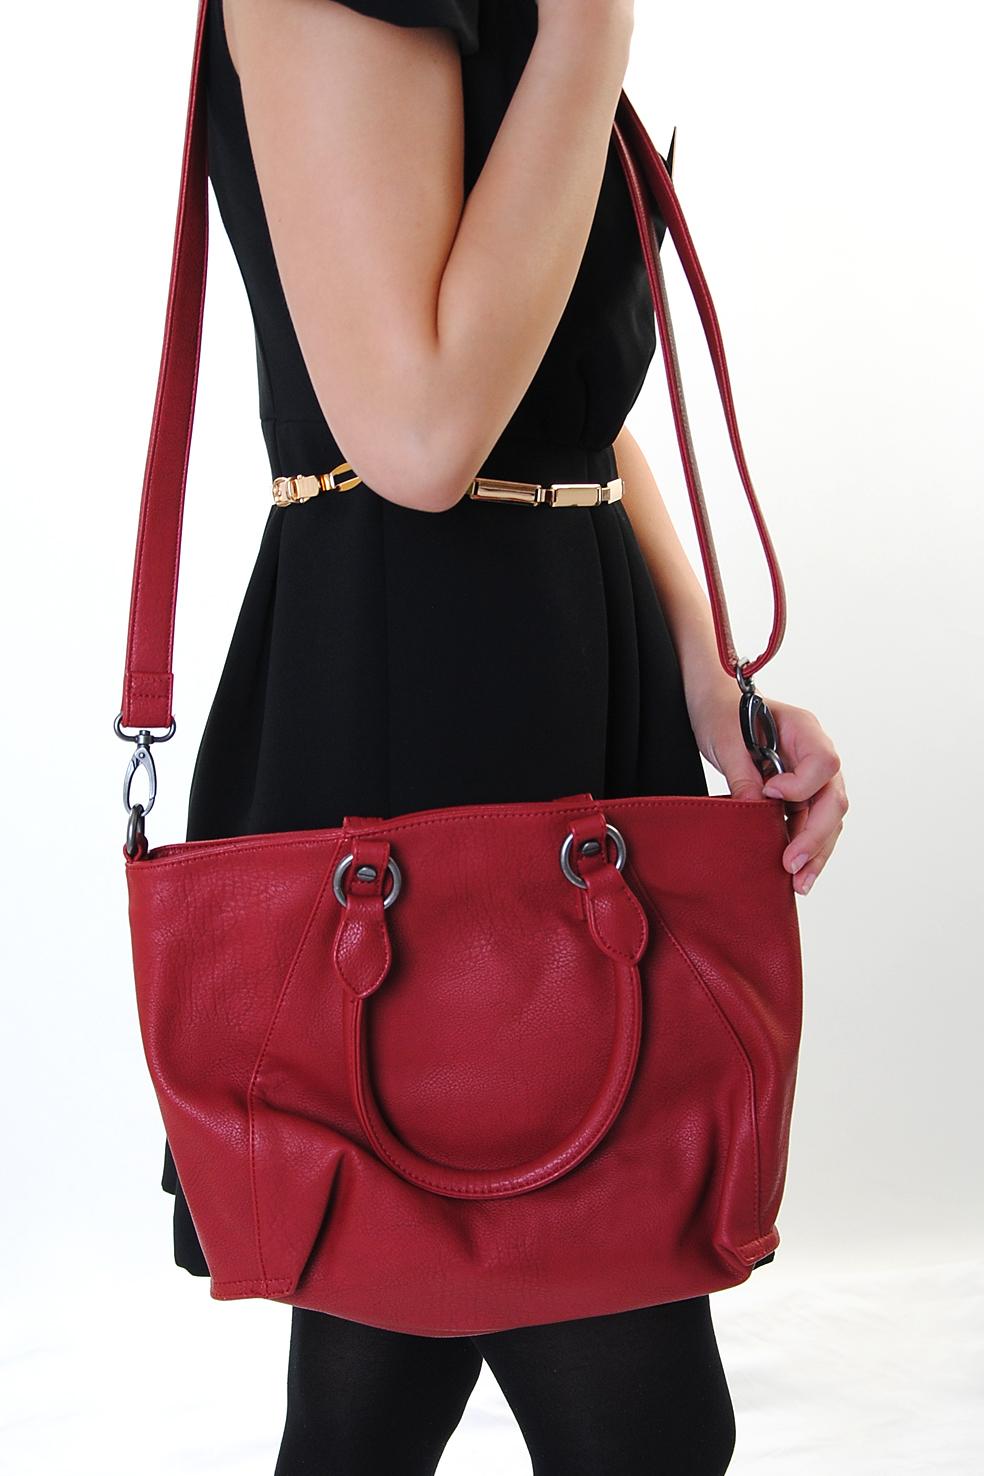 details about fritzi aus preu en ladies handbag shoulder bag holly. Black Bedroom Furniture Sets. Home Design Ideas